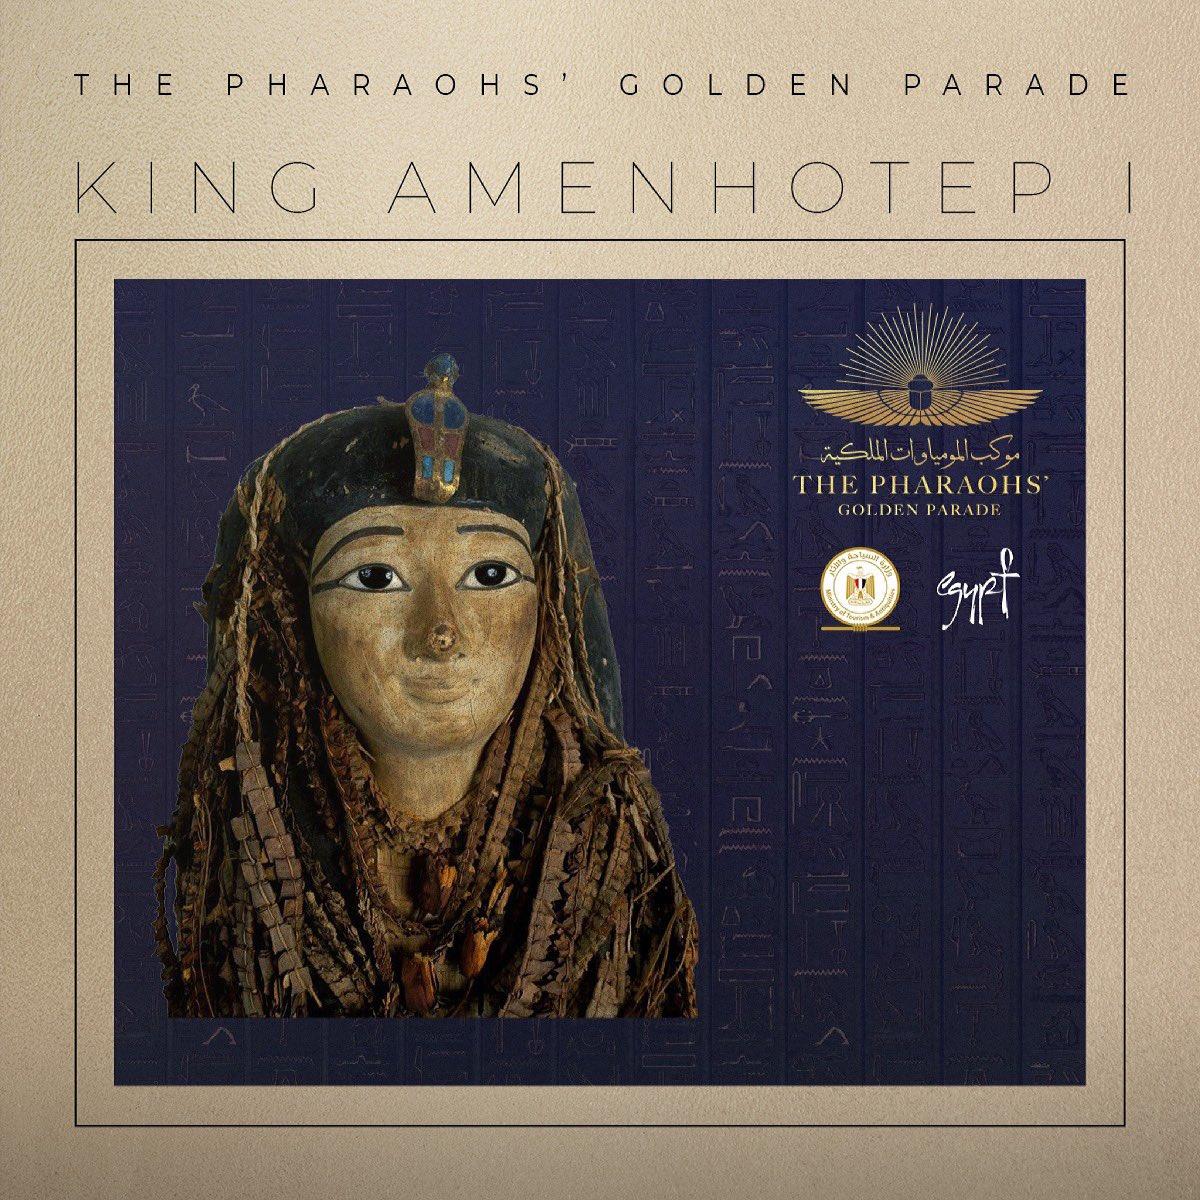 King Amenhotep I